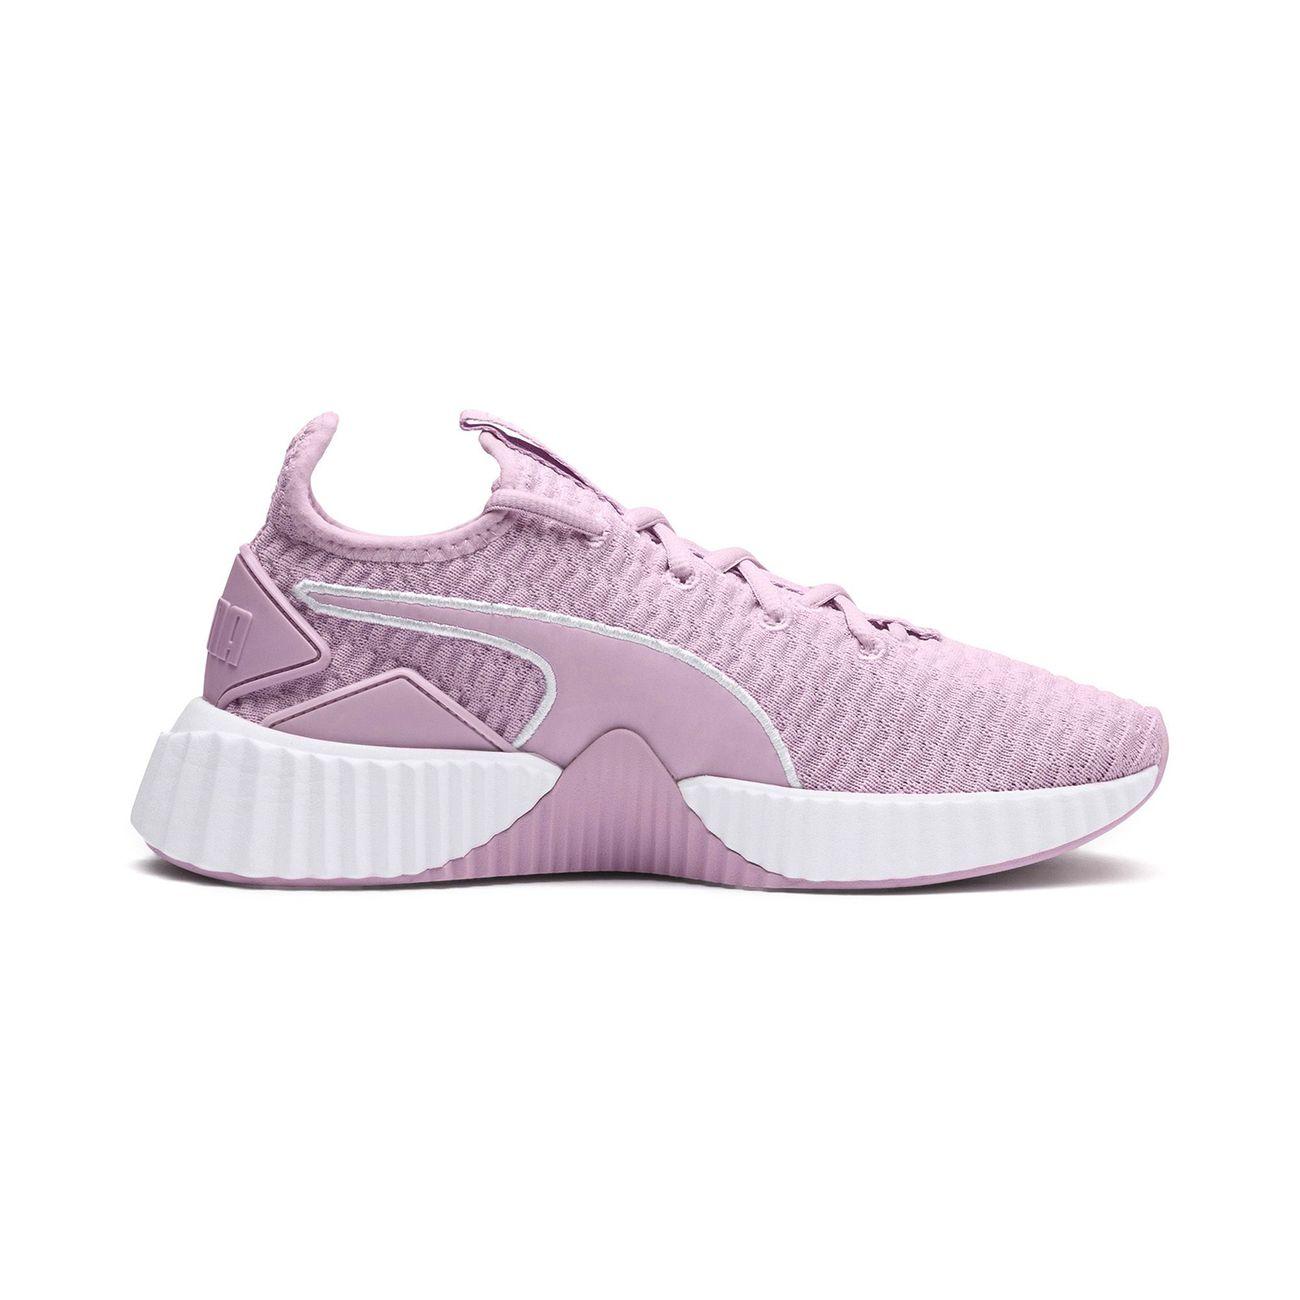 06a9ba86d3b75 Baskets basses Puma Defy W – achat et prix pas cher - Go Sport